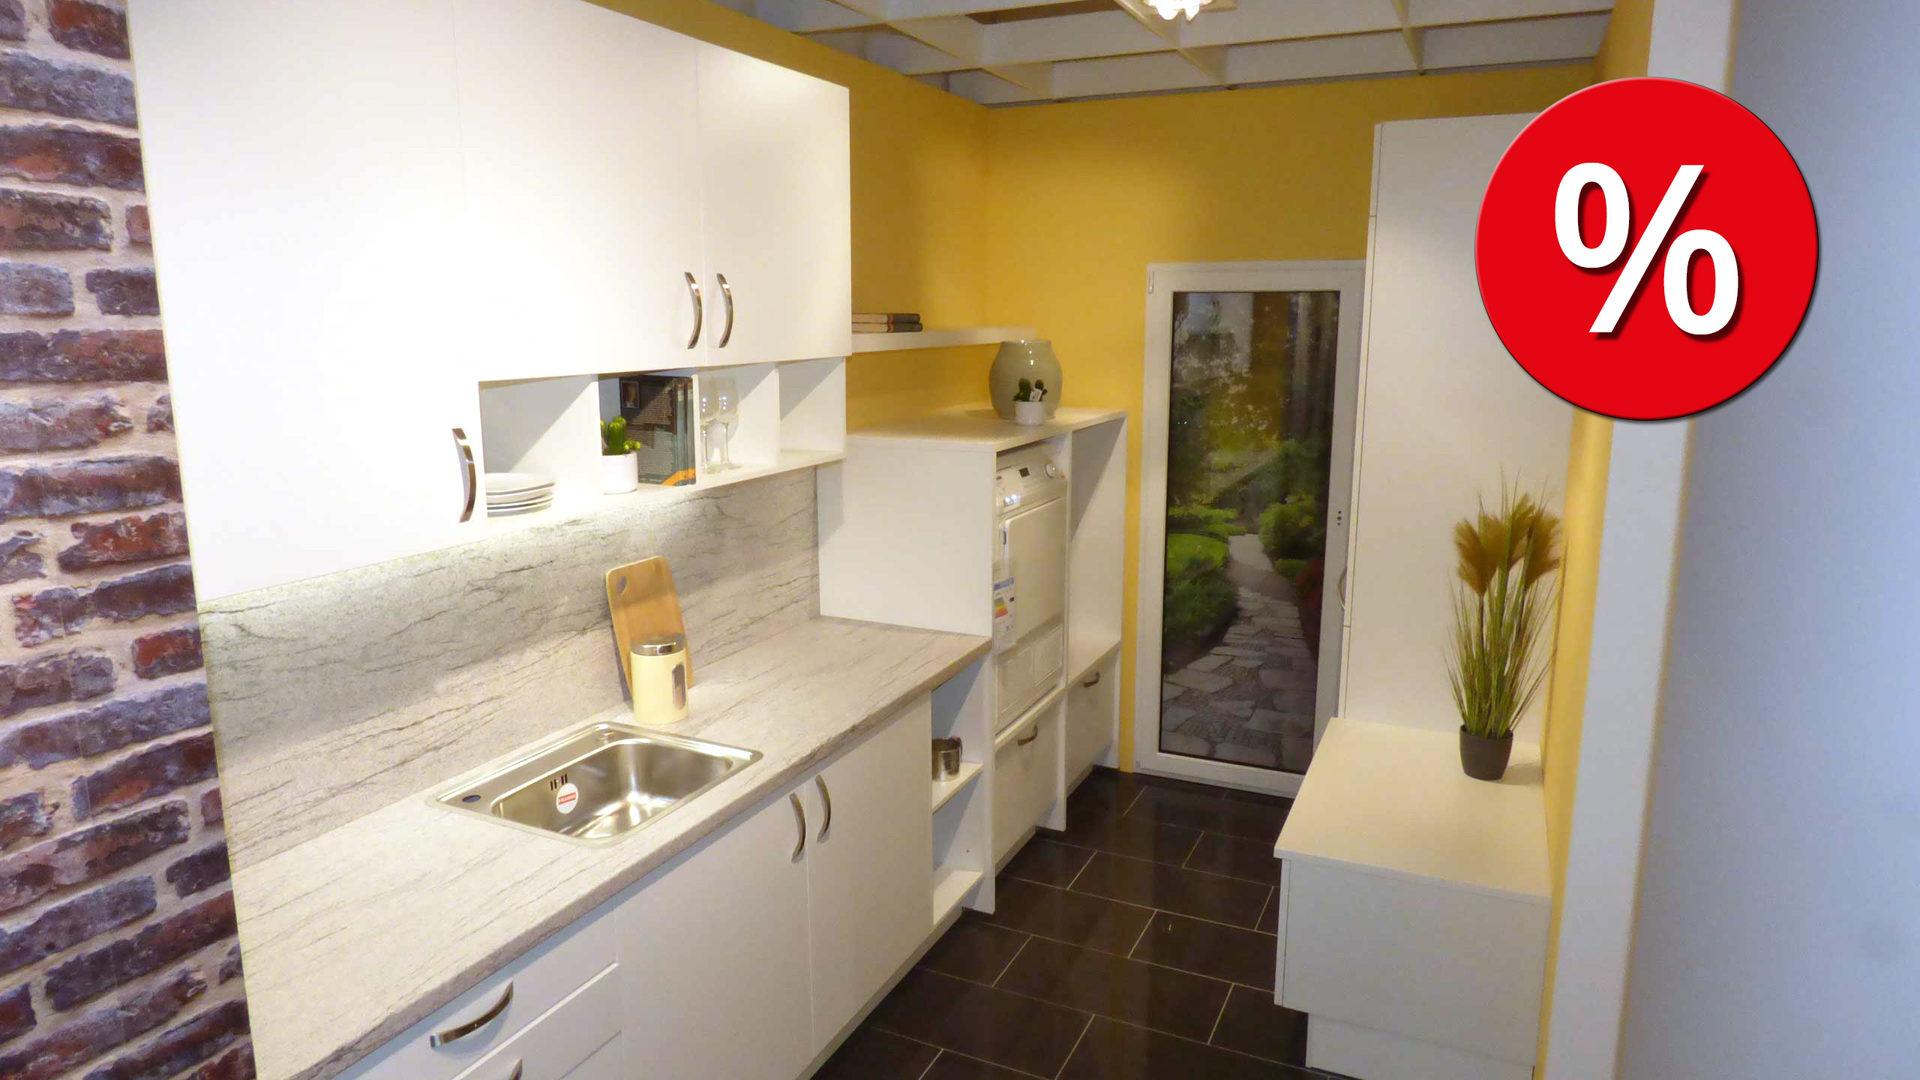 Möbel Bad Homburg möbelland hochtaunus bad homburg bei frankfurt möbel a z küchen